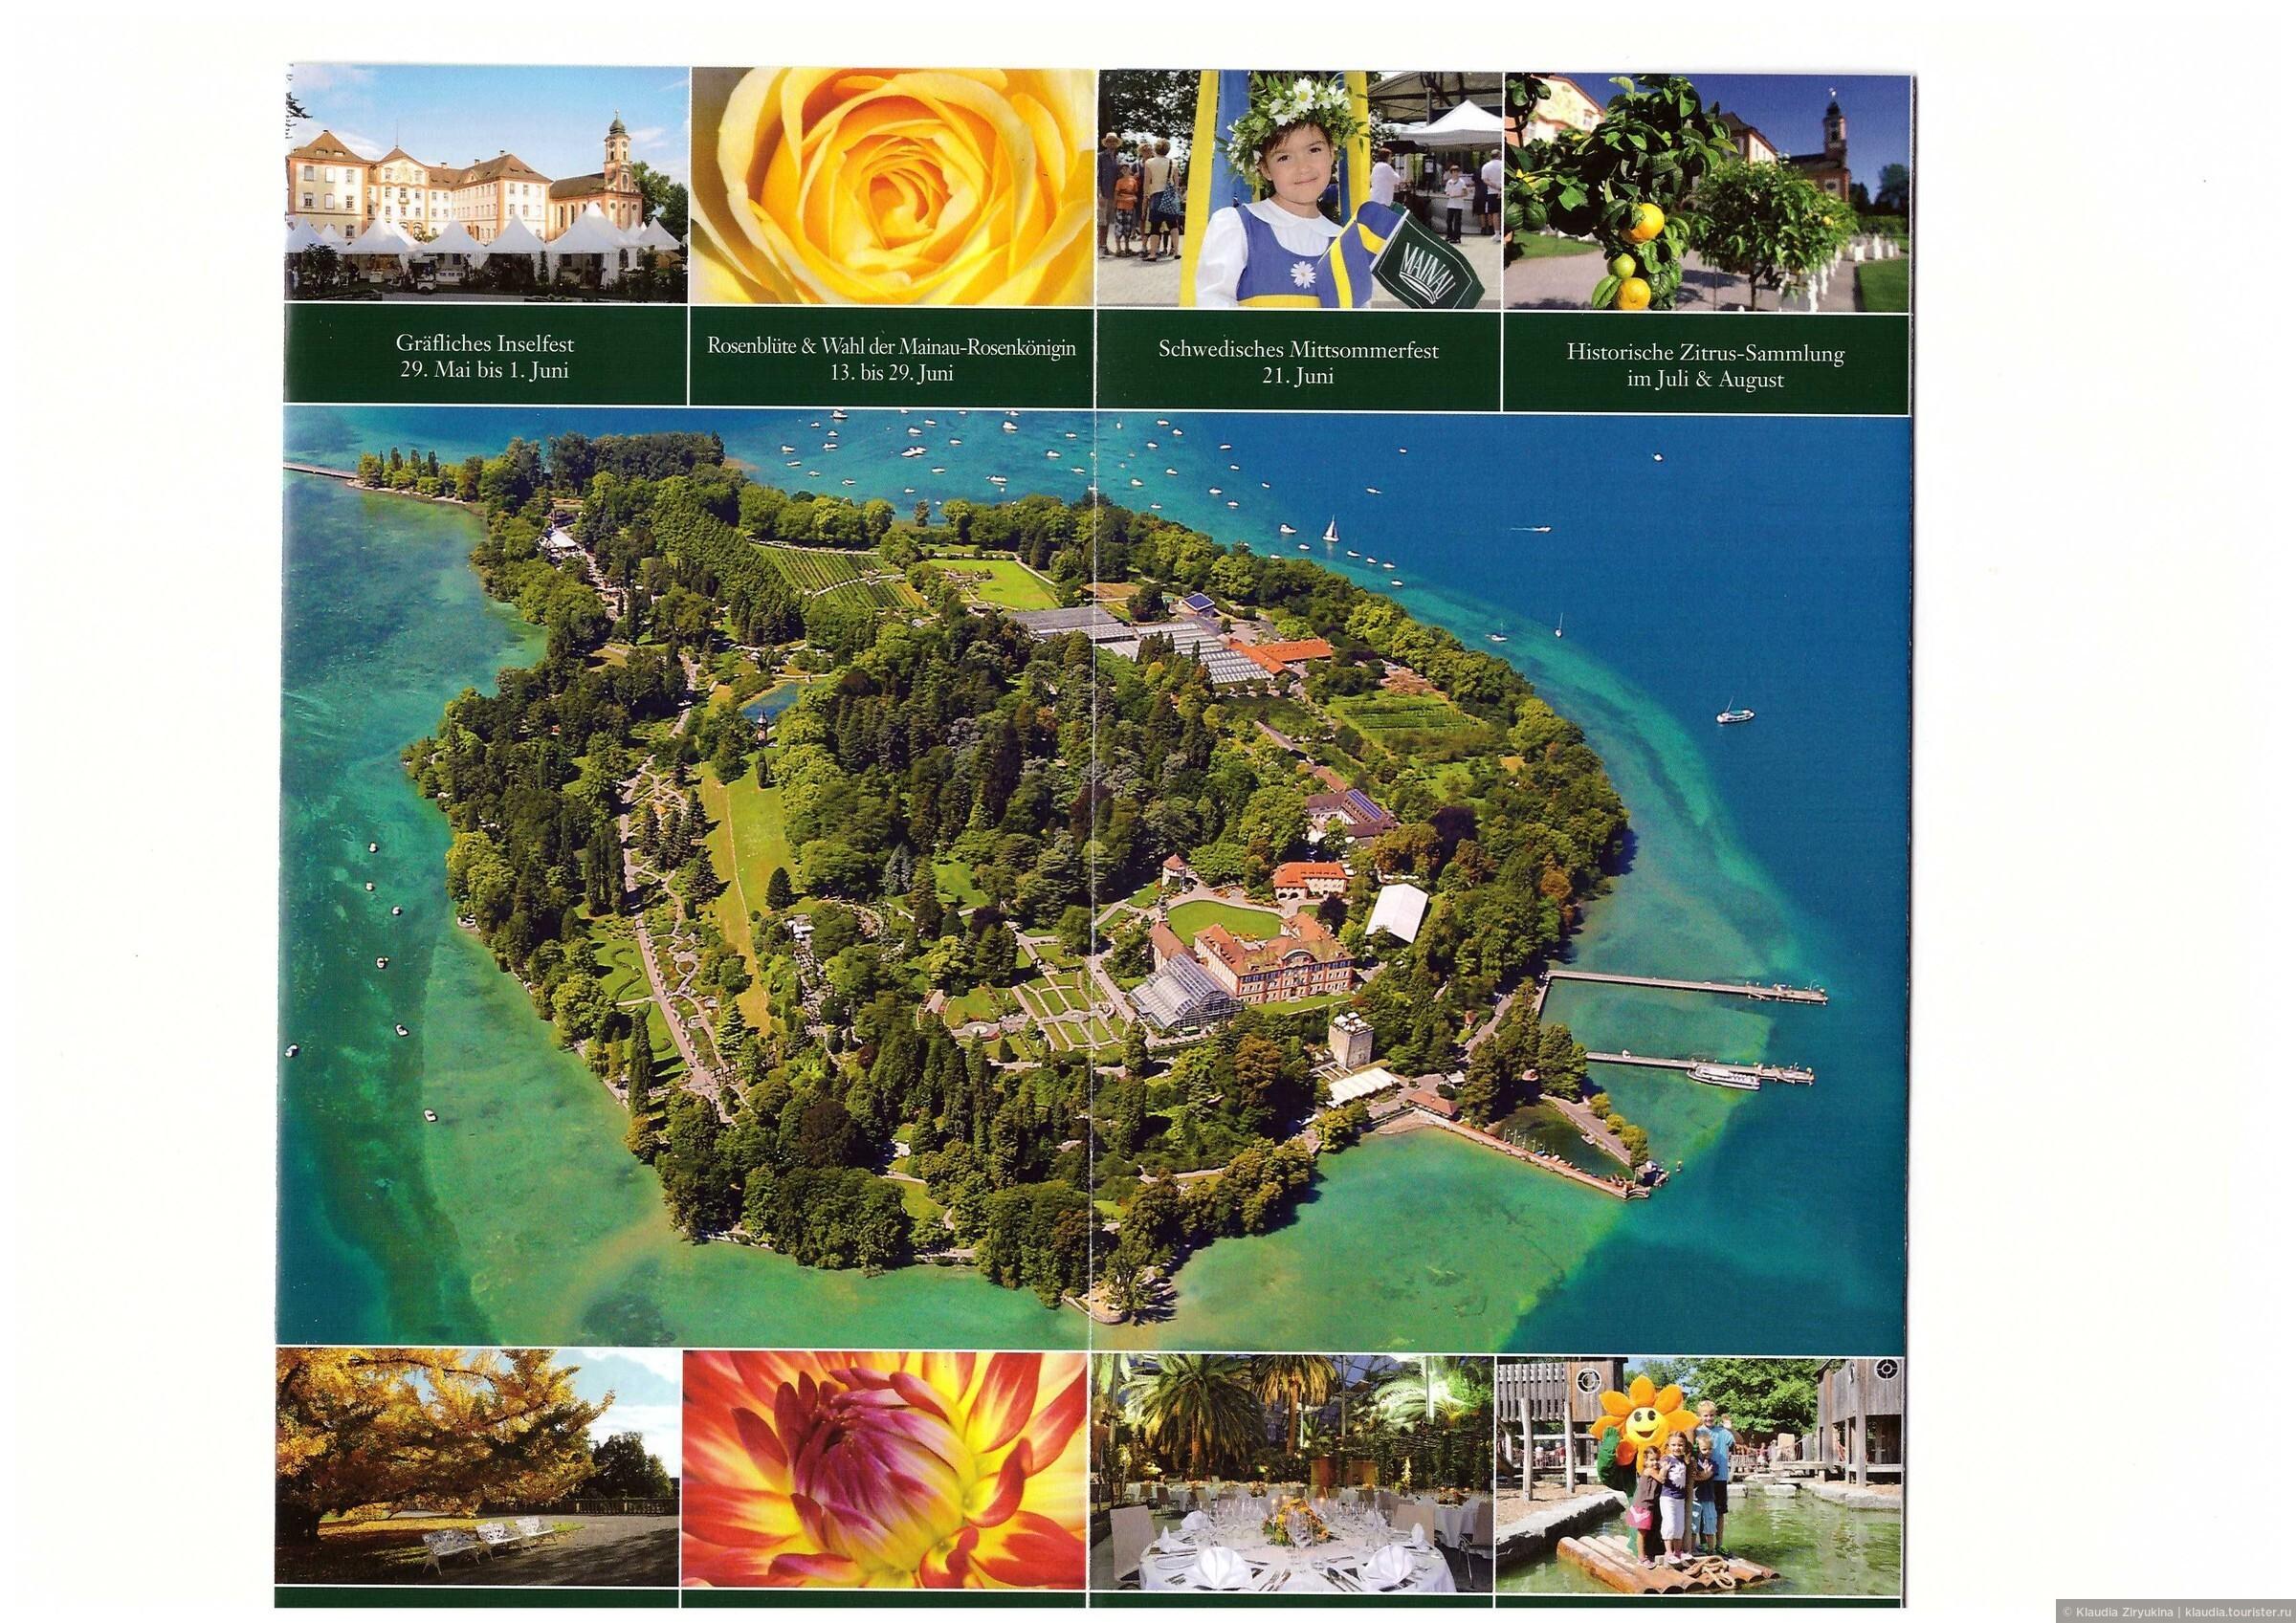 Остров цветов майнау - жемчужина боденского озера